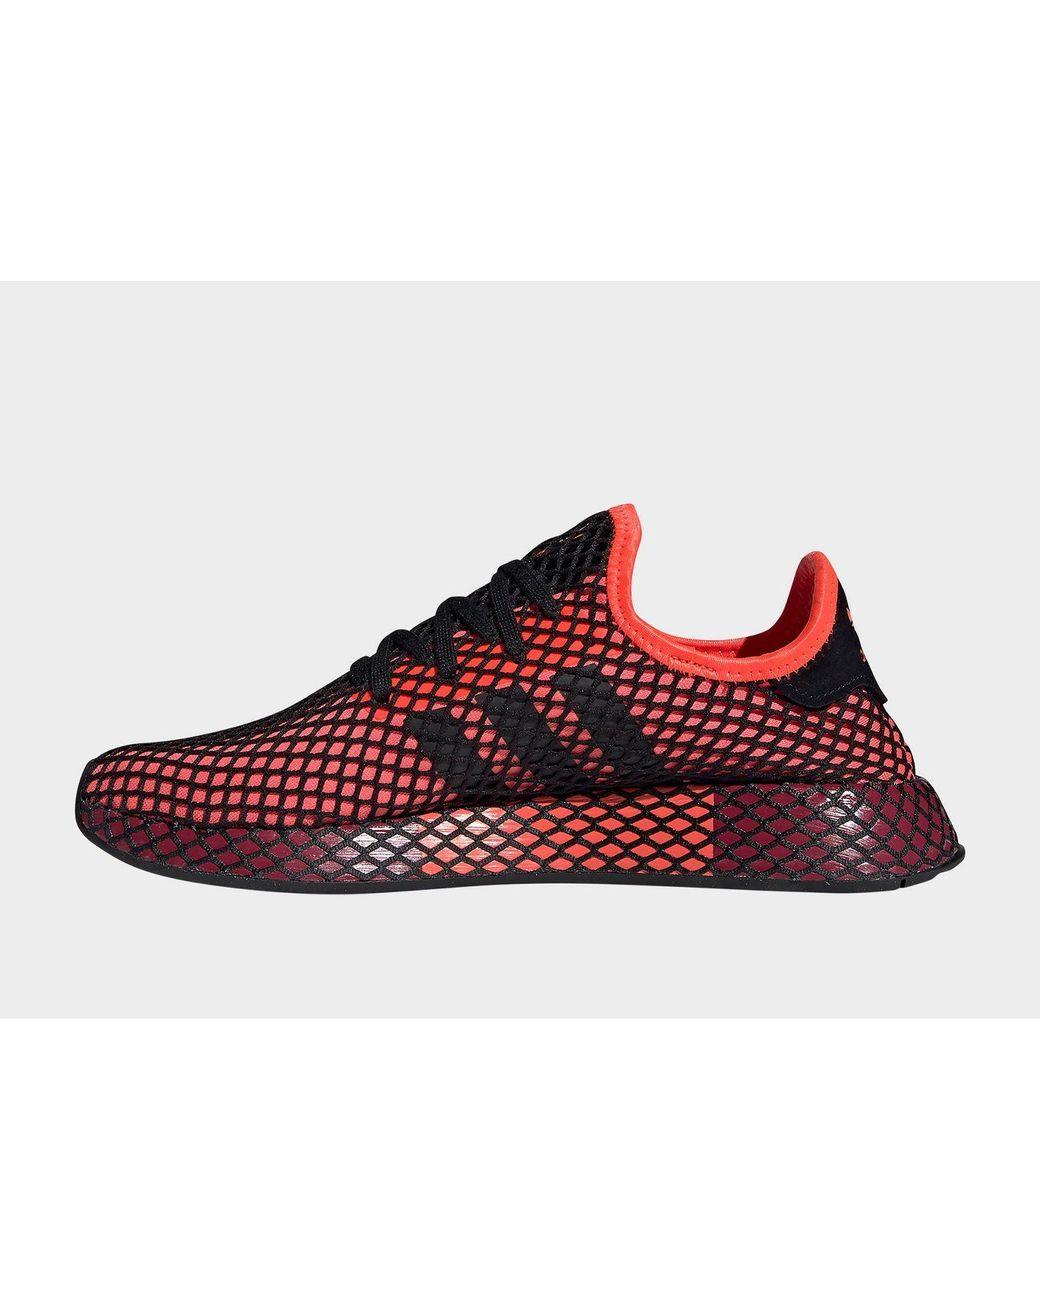 official photos d4950 24146 Women's Red Deerupt Runner Shoes